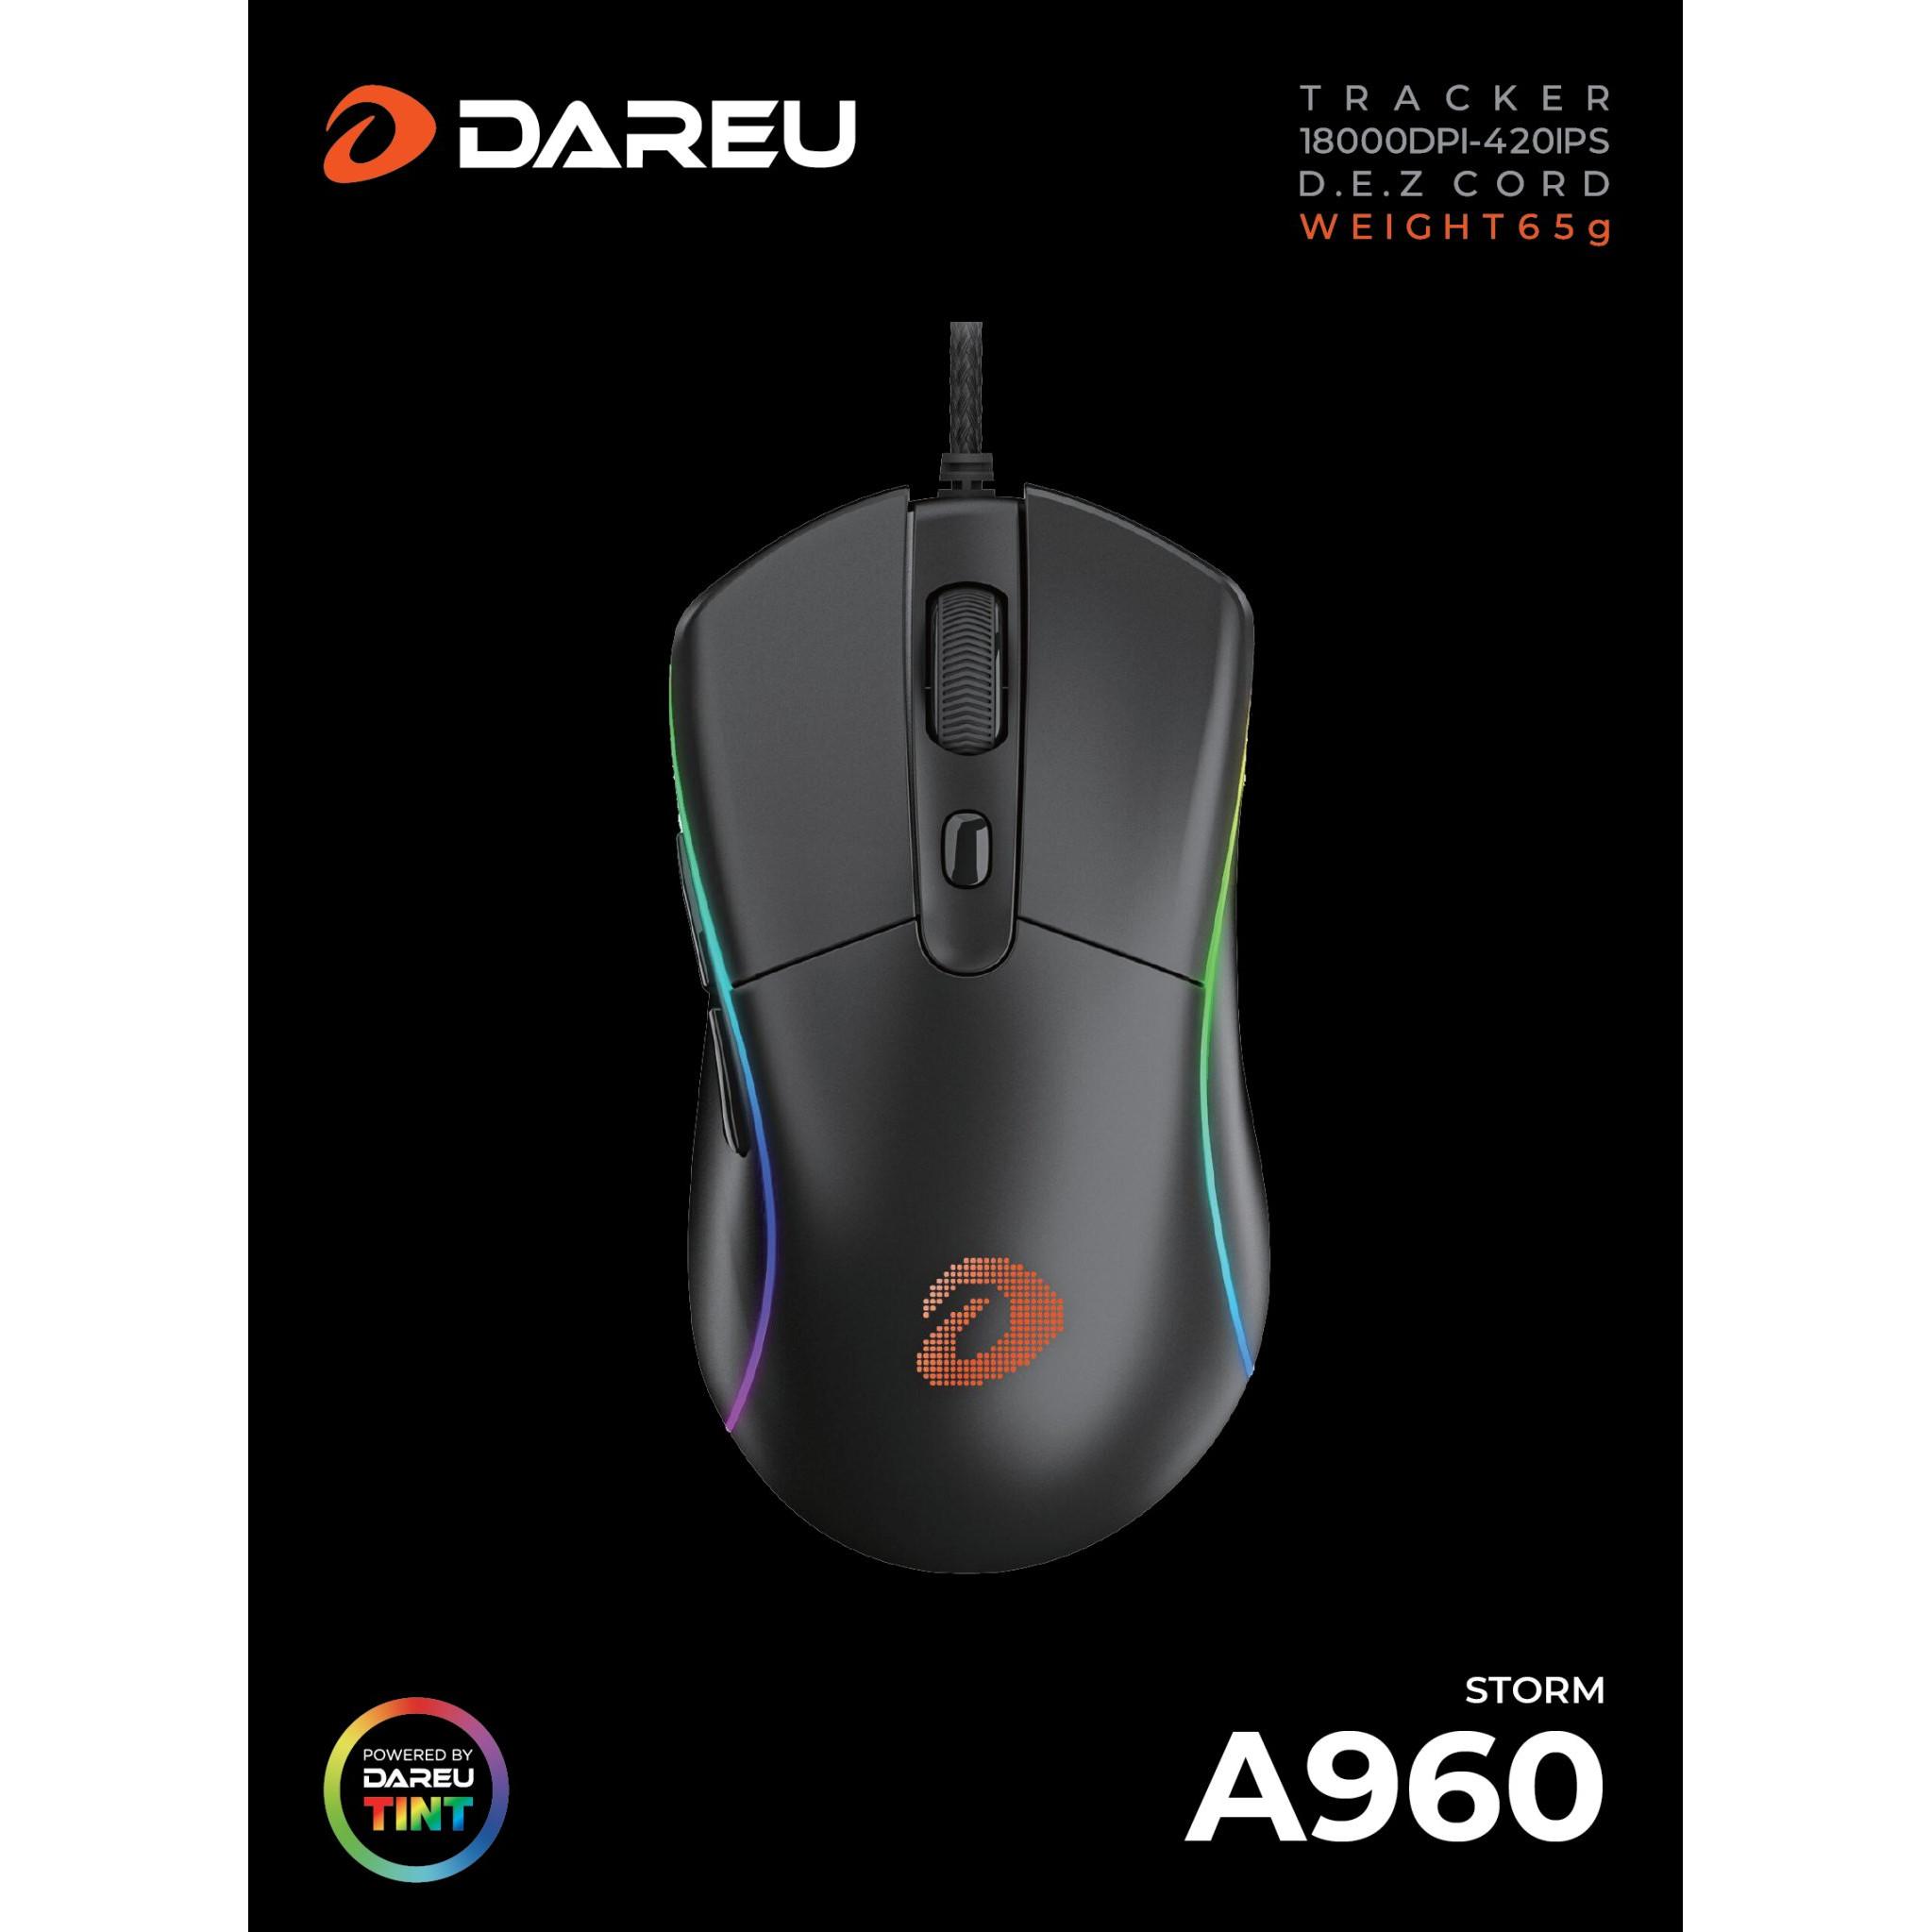 Chuột Gaming Dareu A960 RGB Gaming Mouse - Hàng Chính Hãng